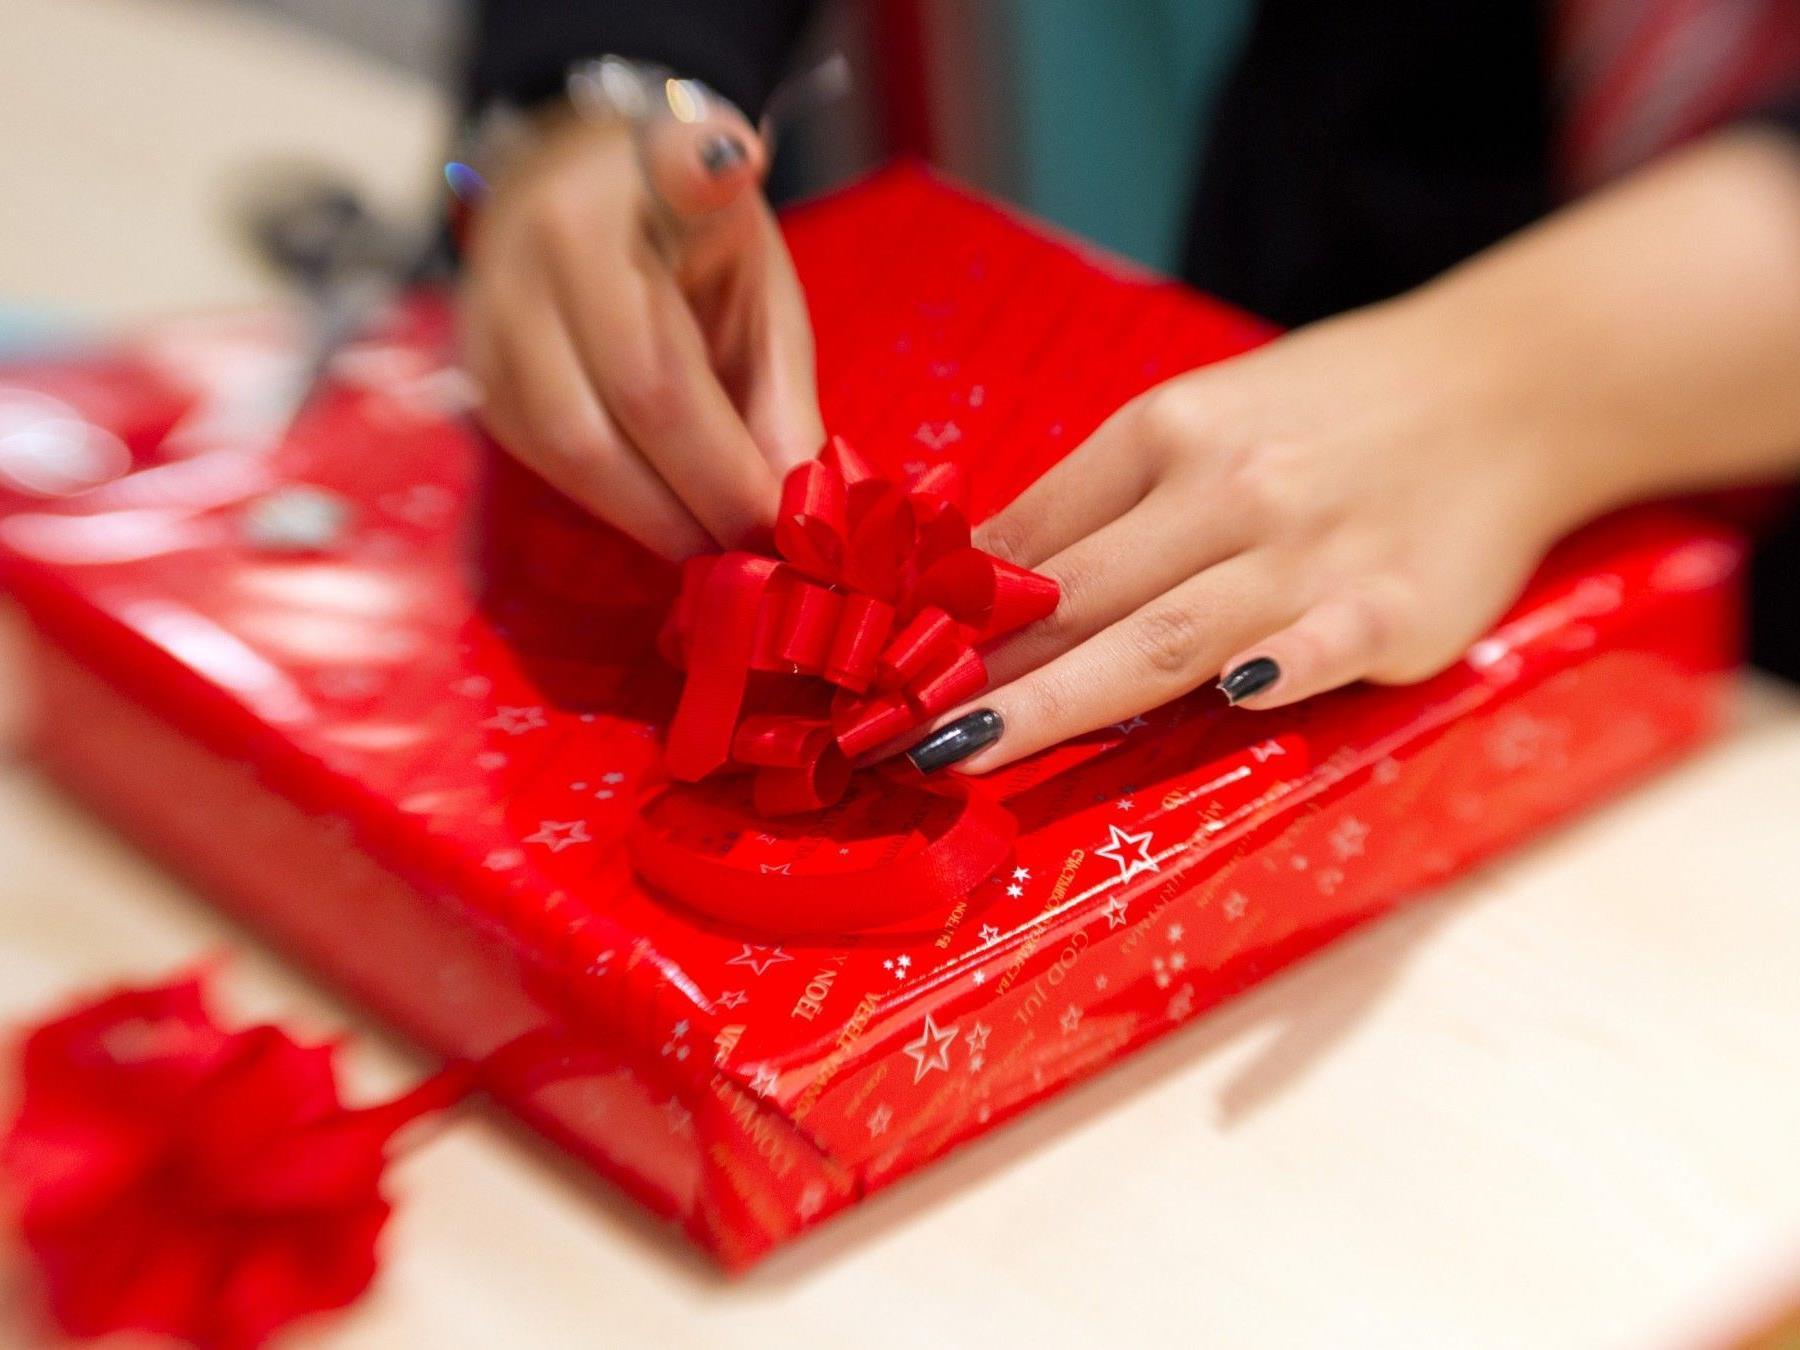 Weihnachten wird auch für viele Vorarlberger zum finanziellen Verhängnis